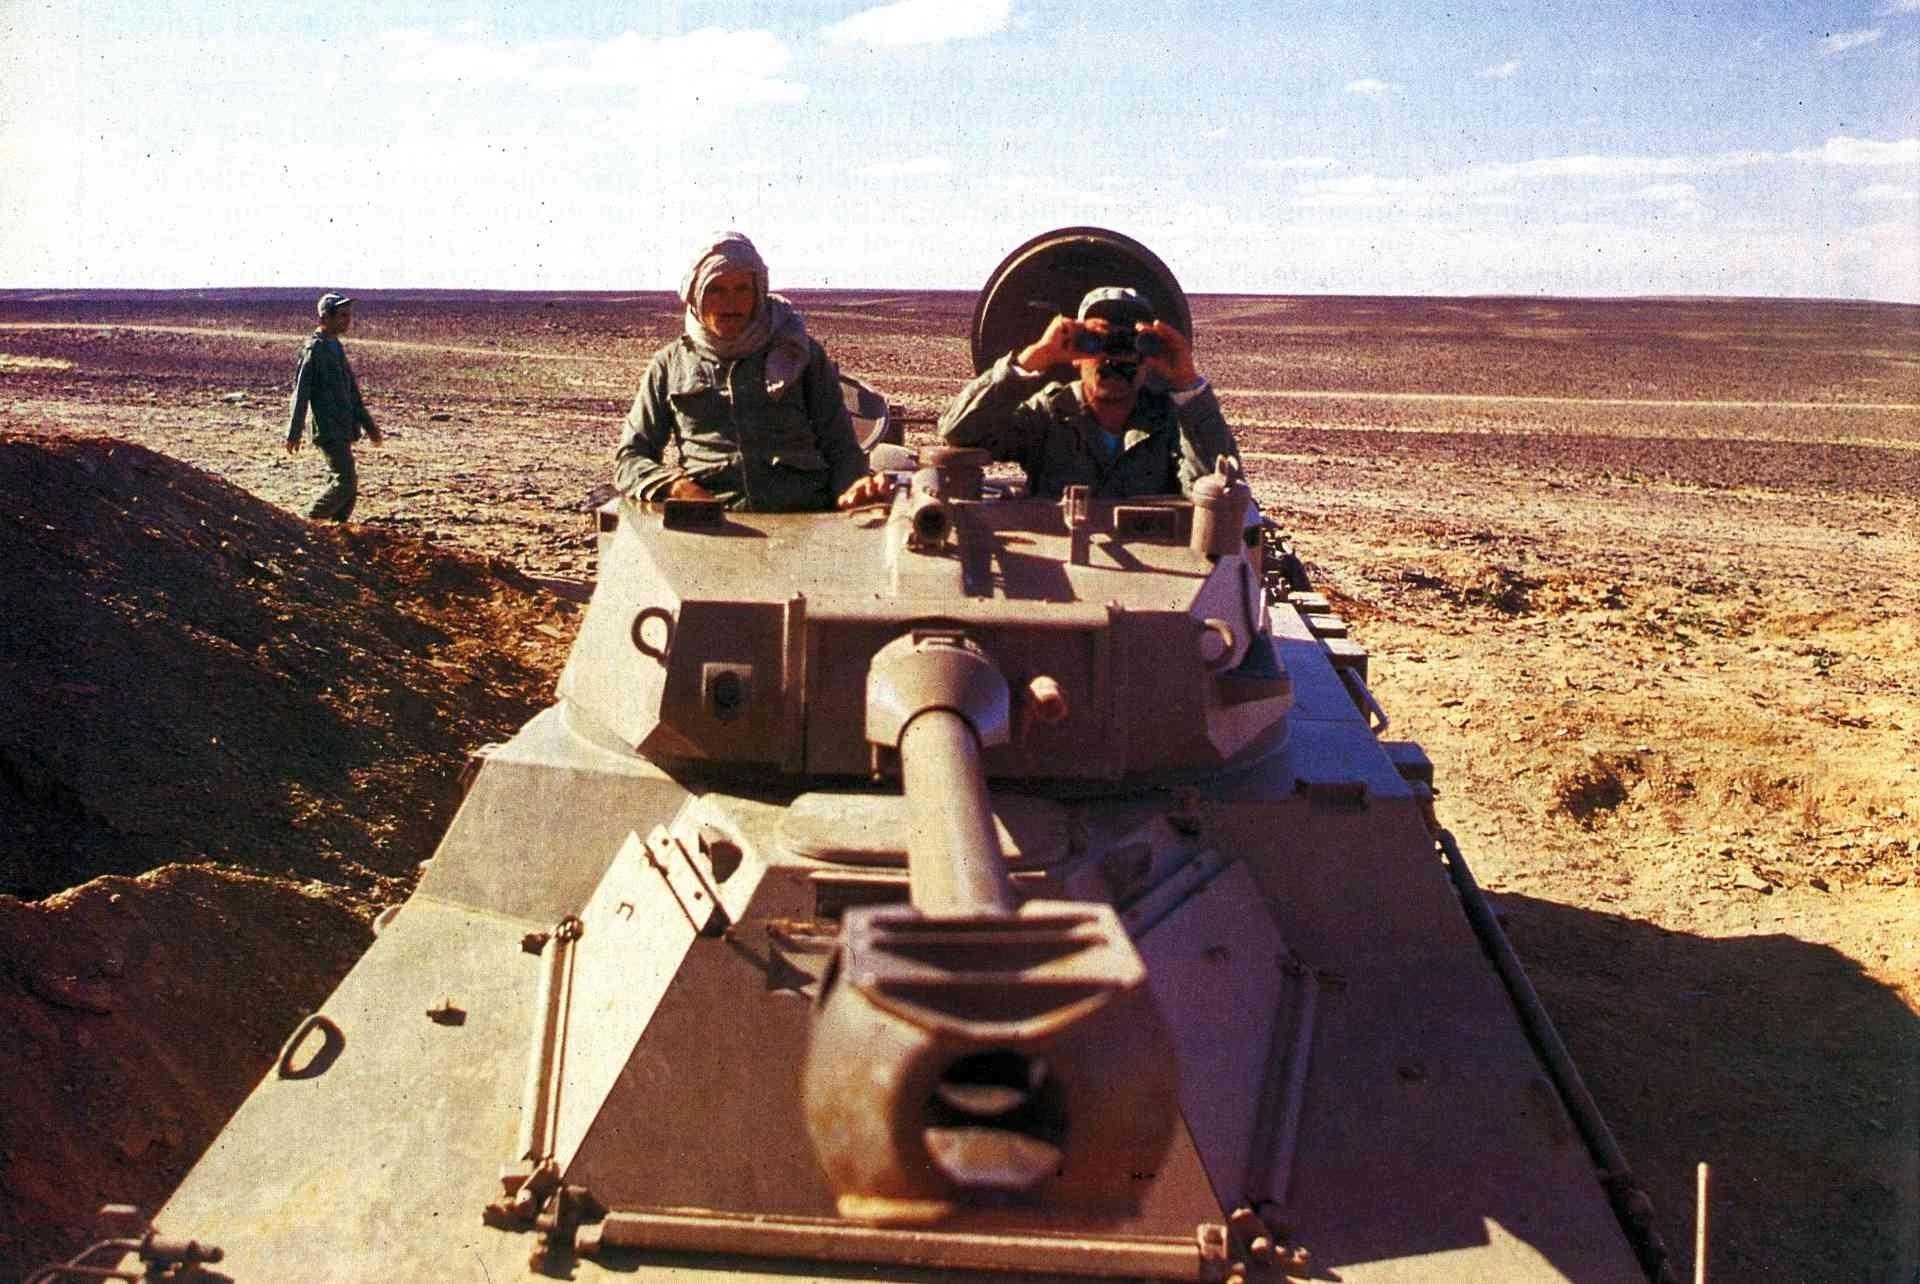 Le conflit armé du sahara marocain - Page 14 Clip1032